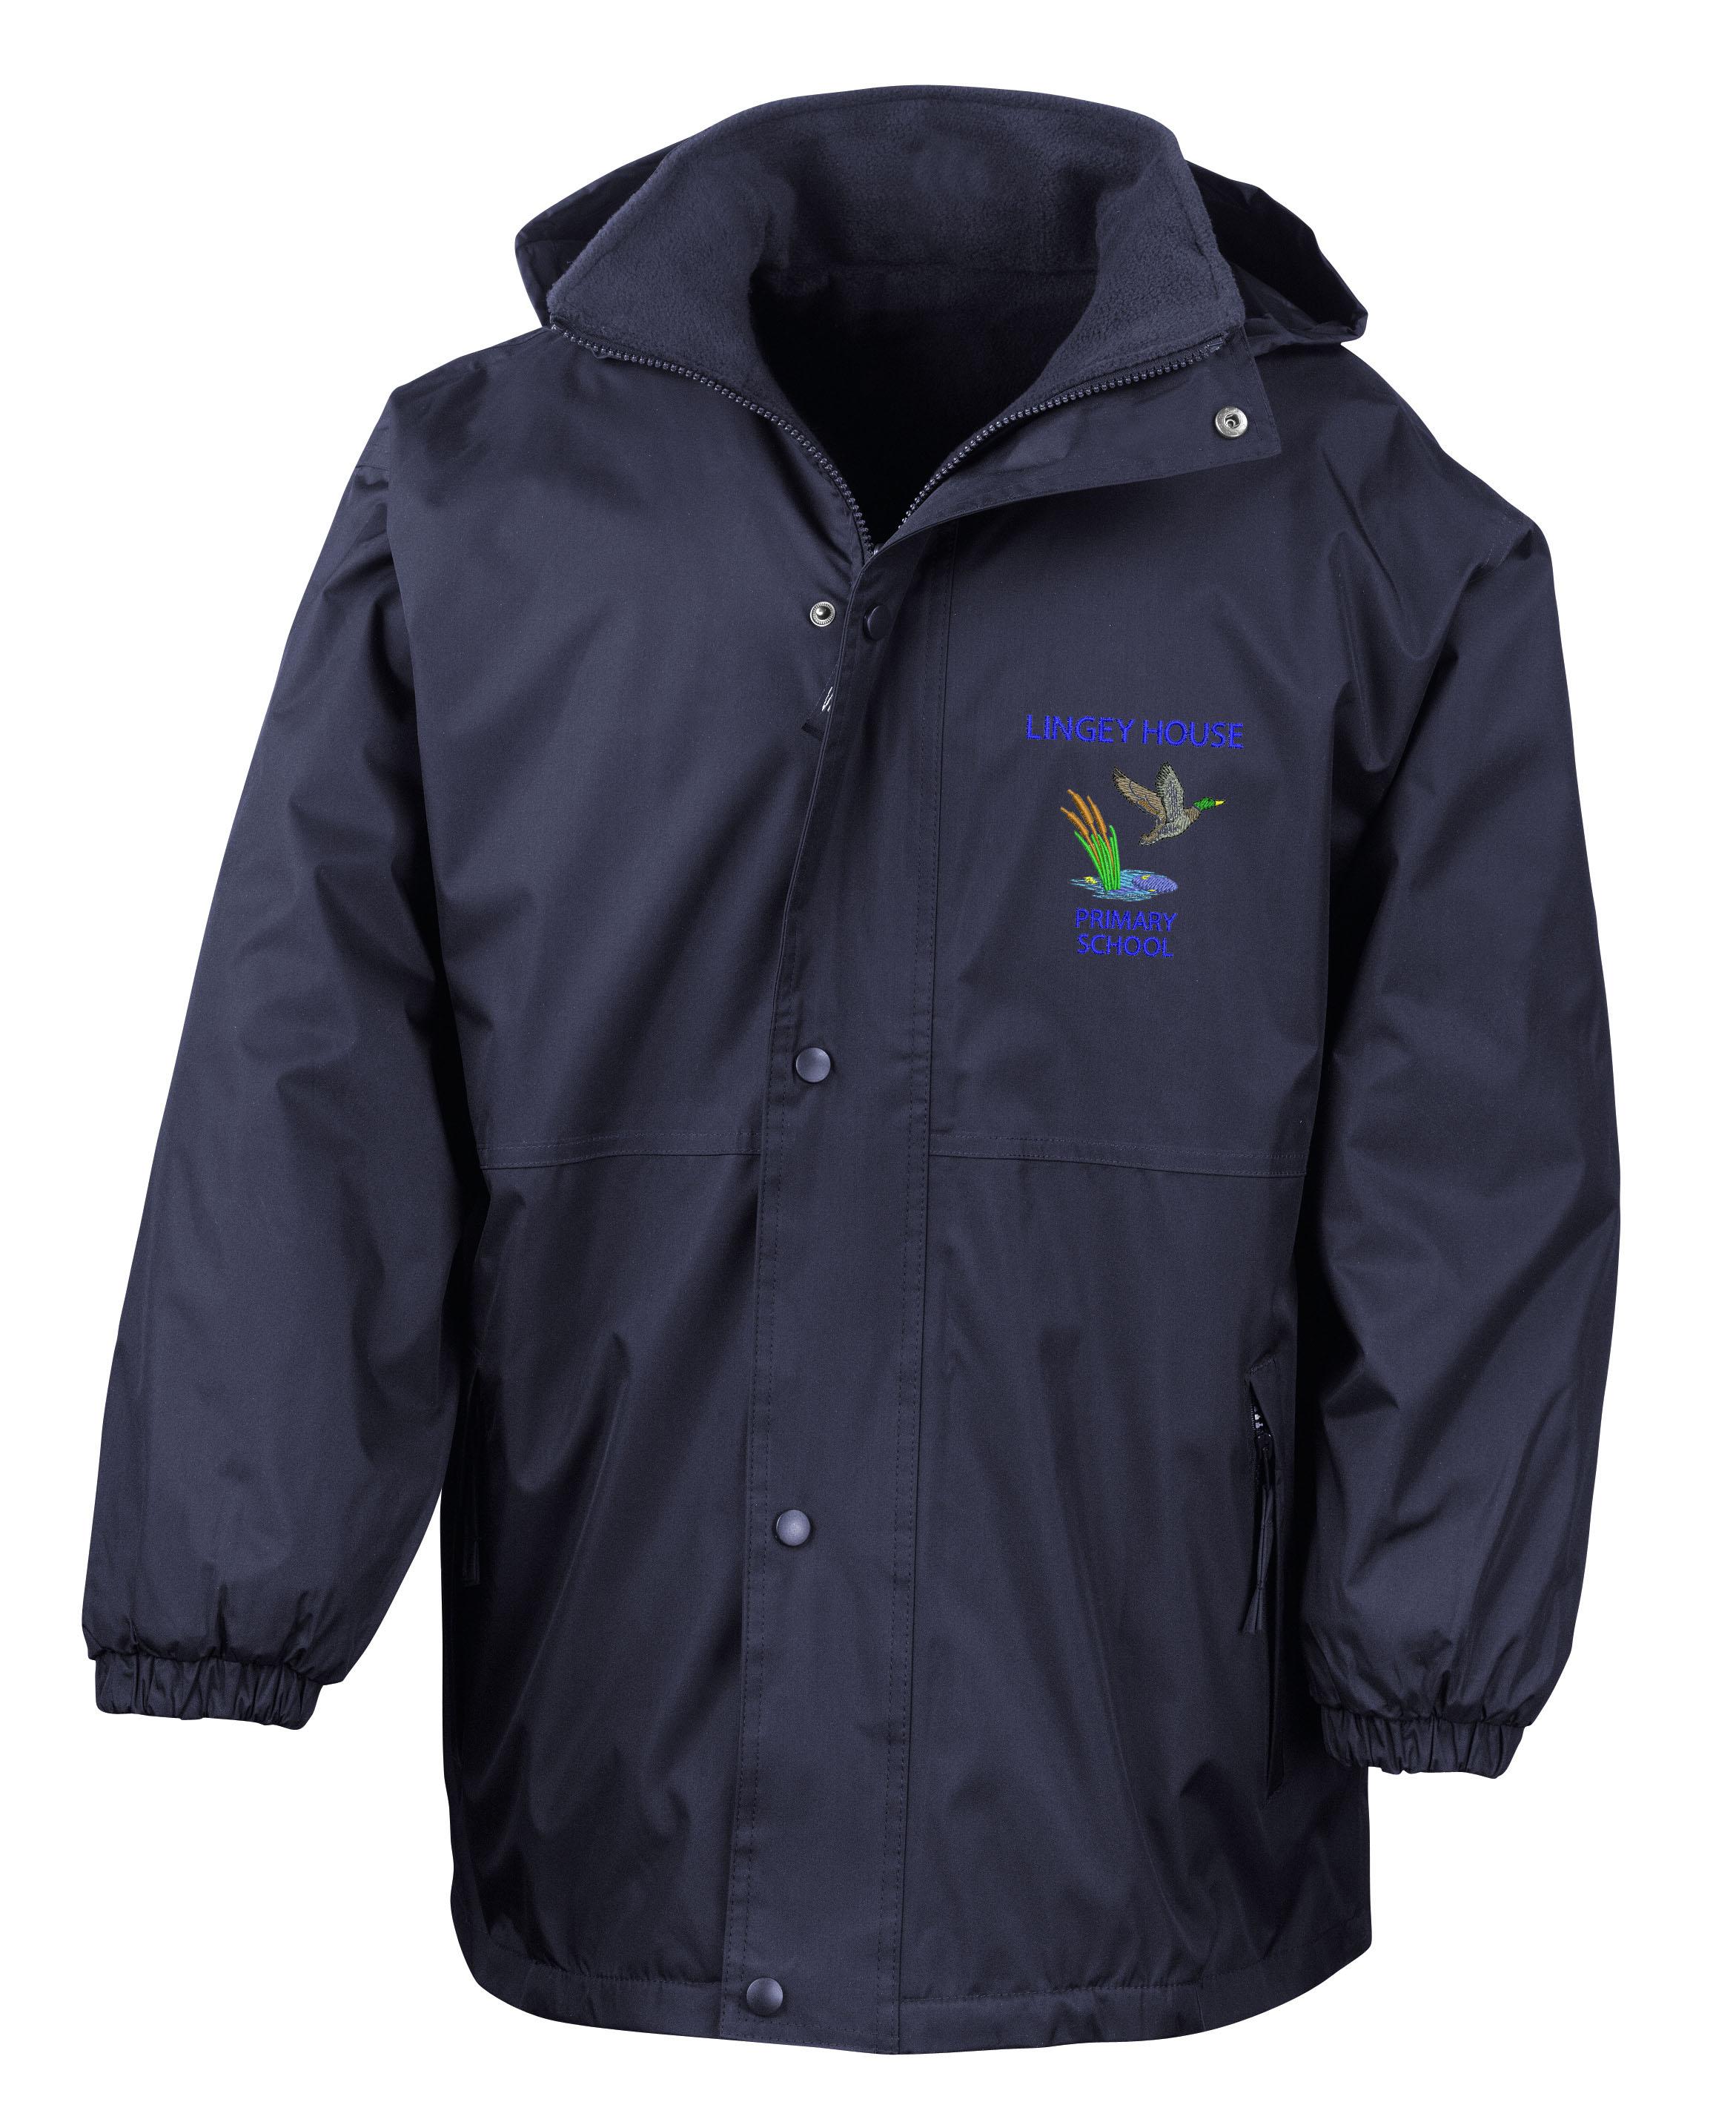 Lingey House Rain Jacket